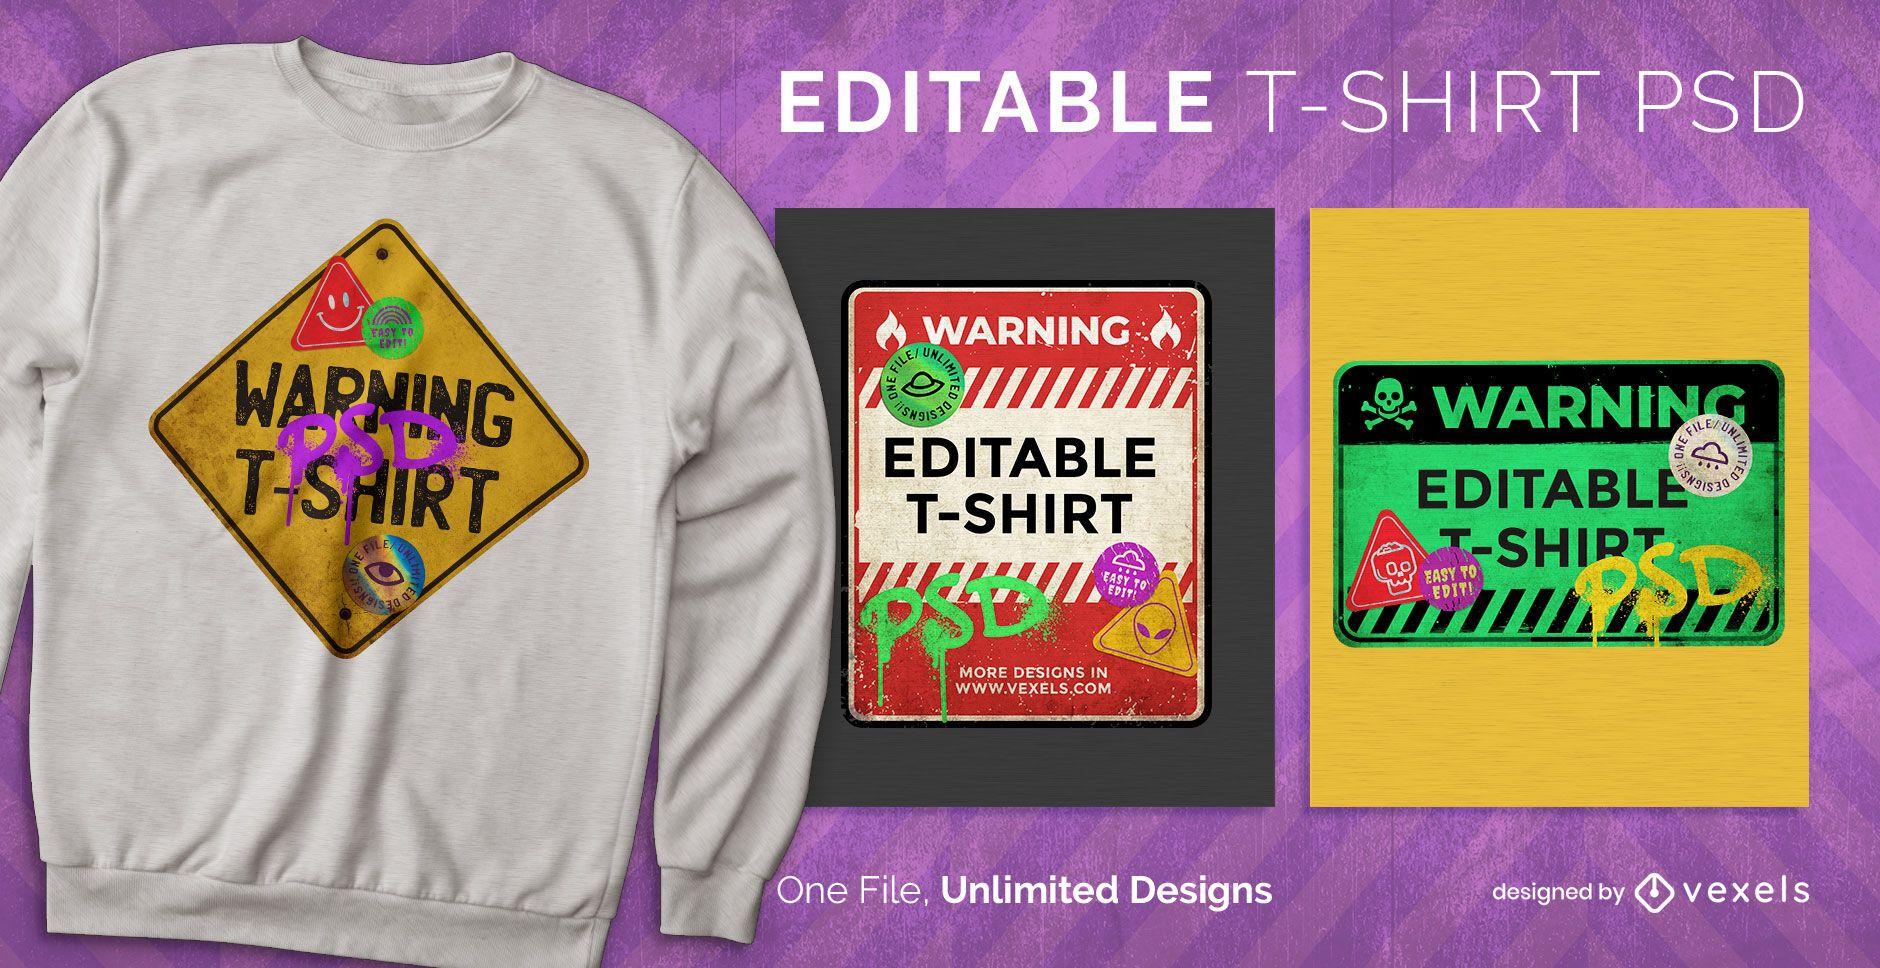 Señal de advertencia camiseta escalable psd